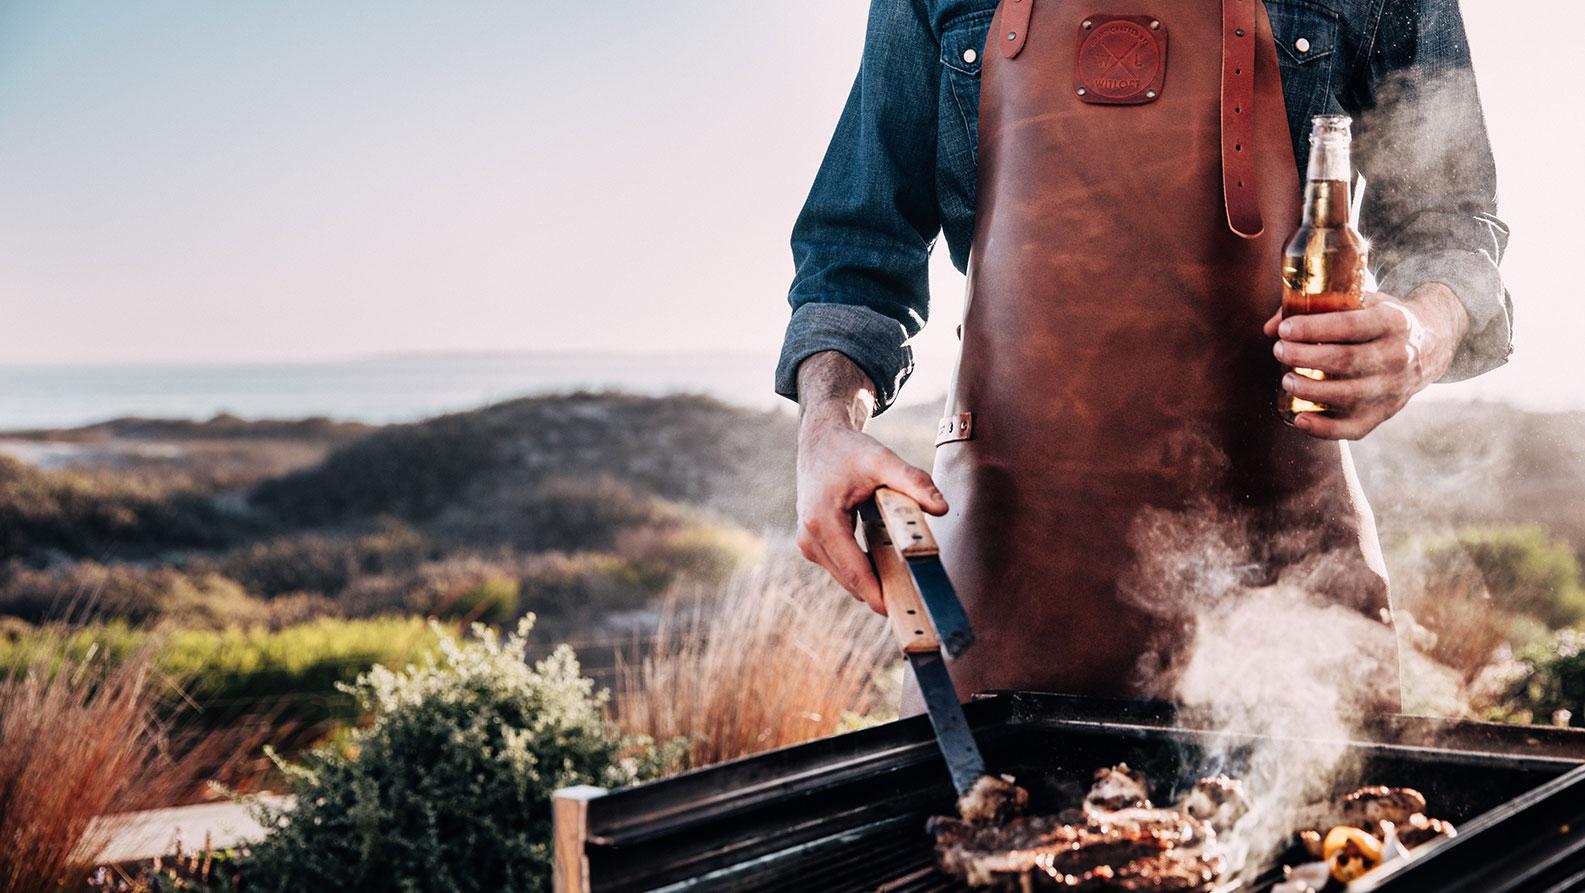 Ontspannen het vlees van de barbecue omdraaien in een Witloft schort